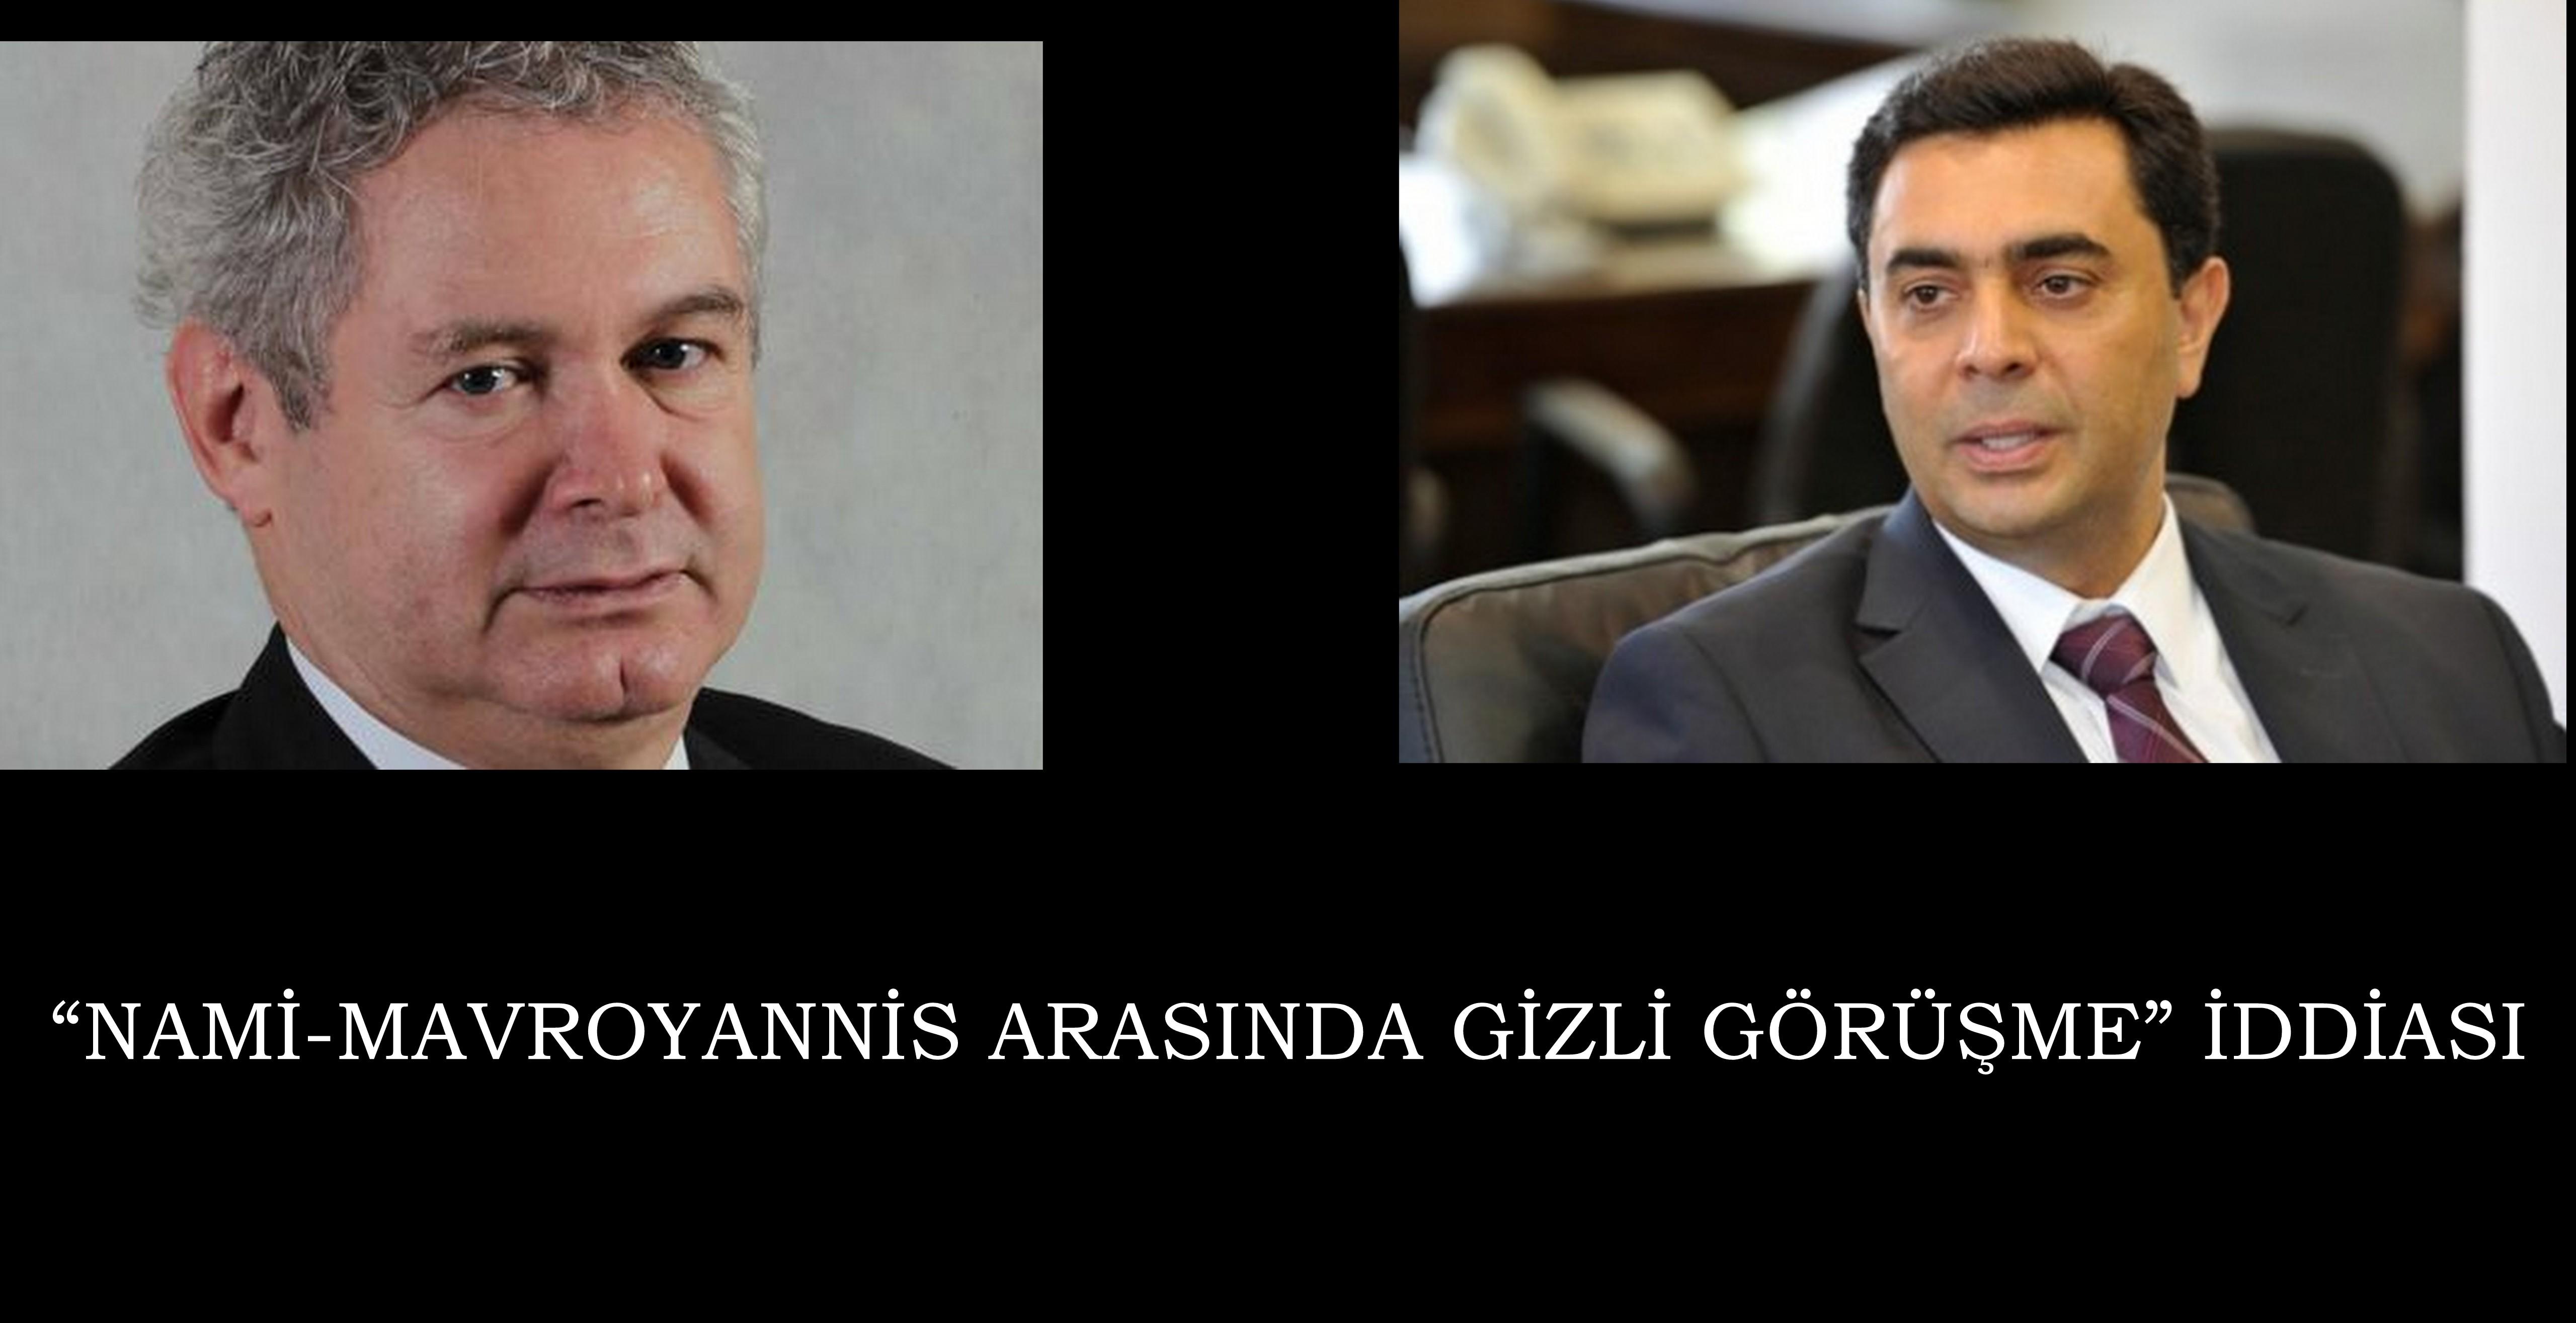 """""""NAMİ-MAVROYANNİS ARASINDA GİZLİ GÖRÜŞME"""" İDDİASI"""